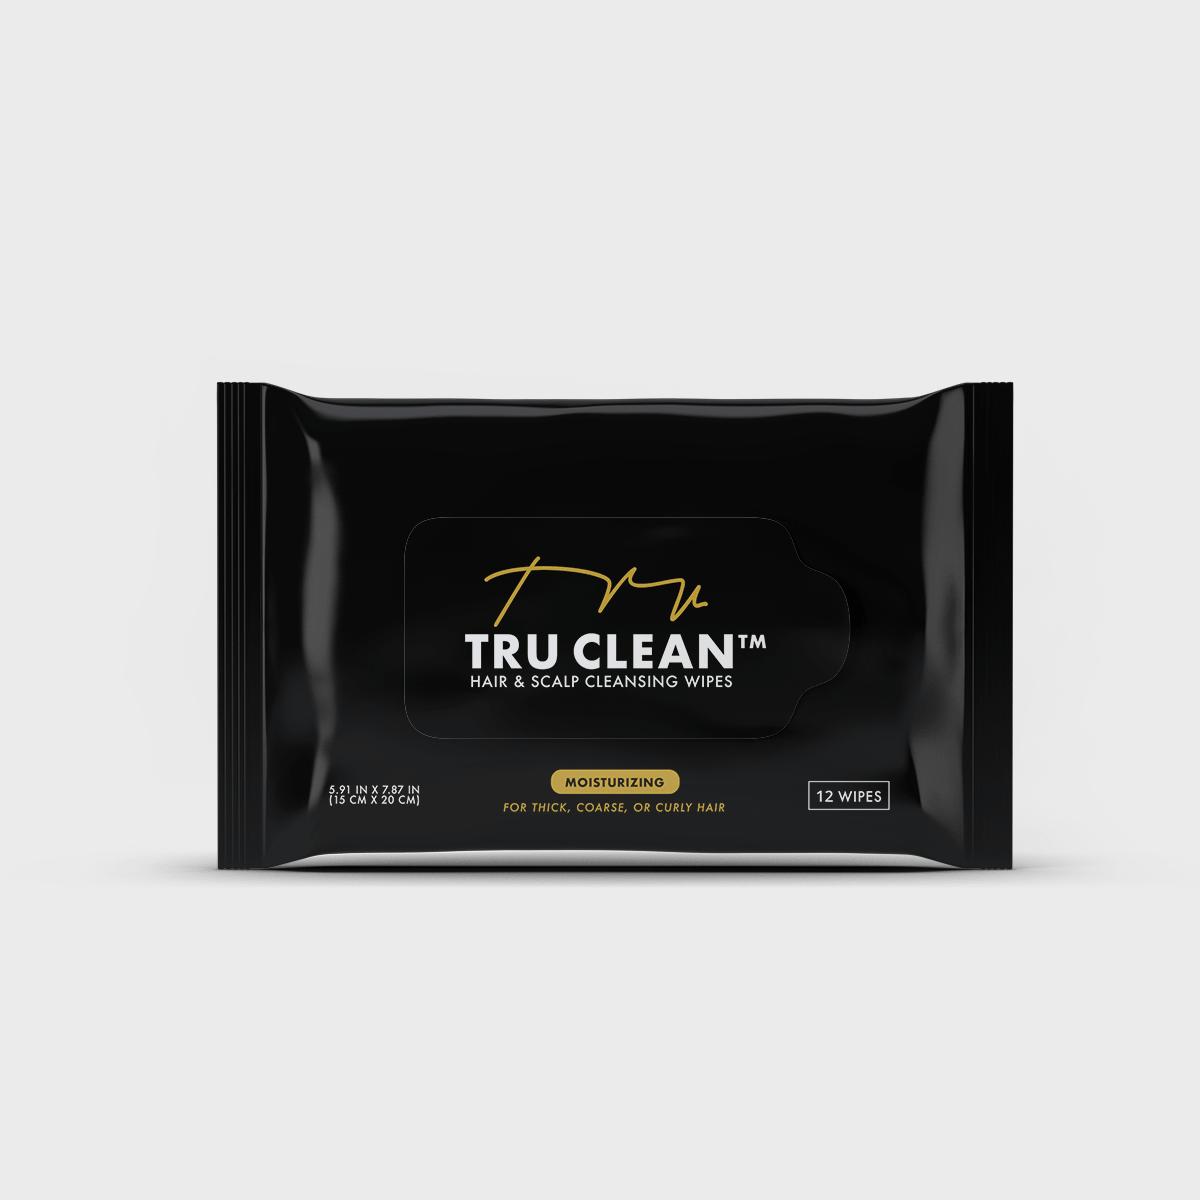 Pheelosophy - Tru Clean Moisturizing Wipes Packaging Design